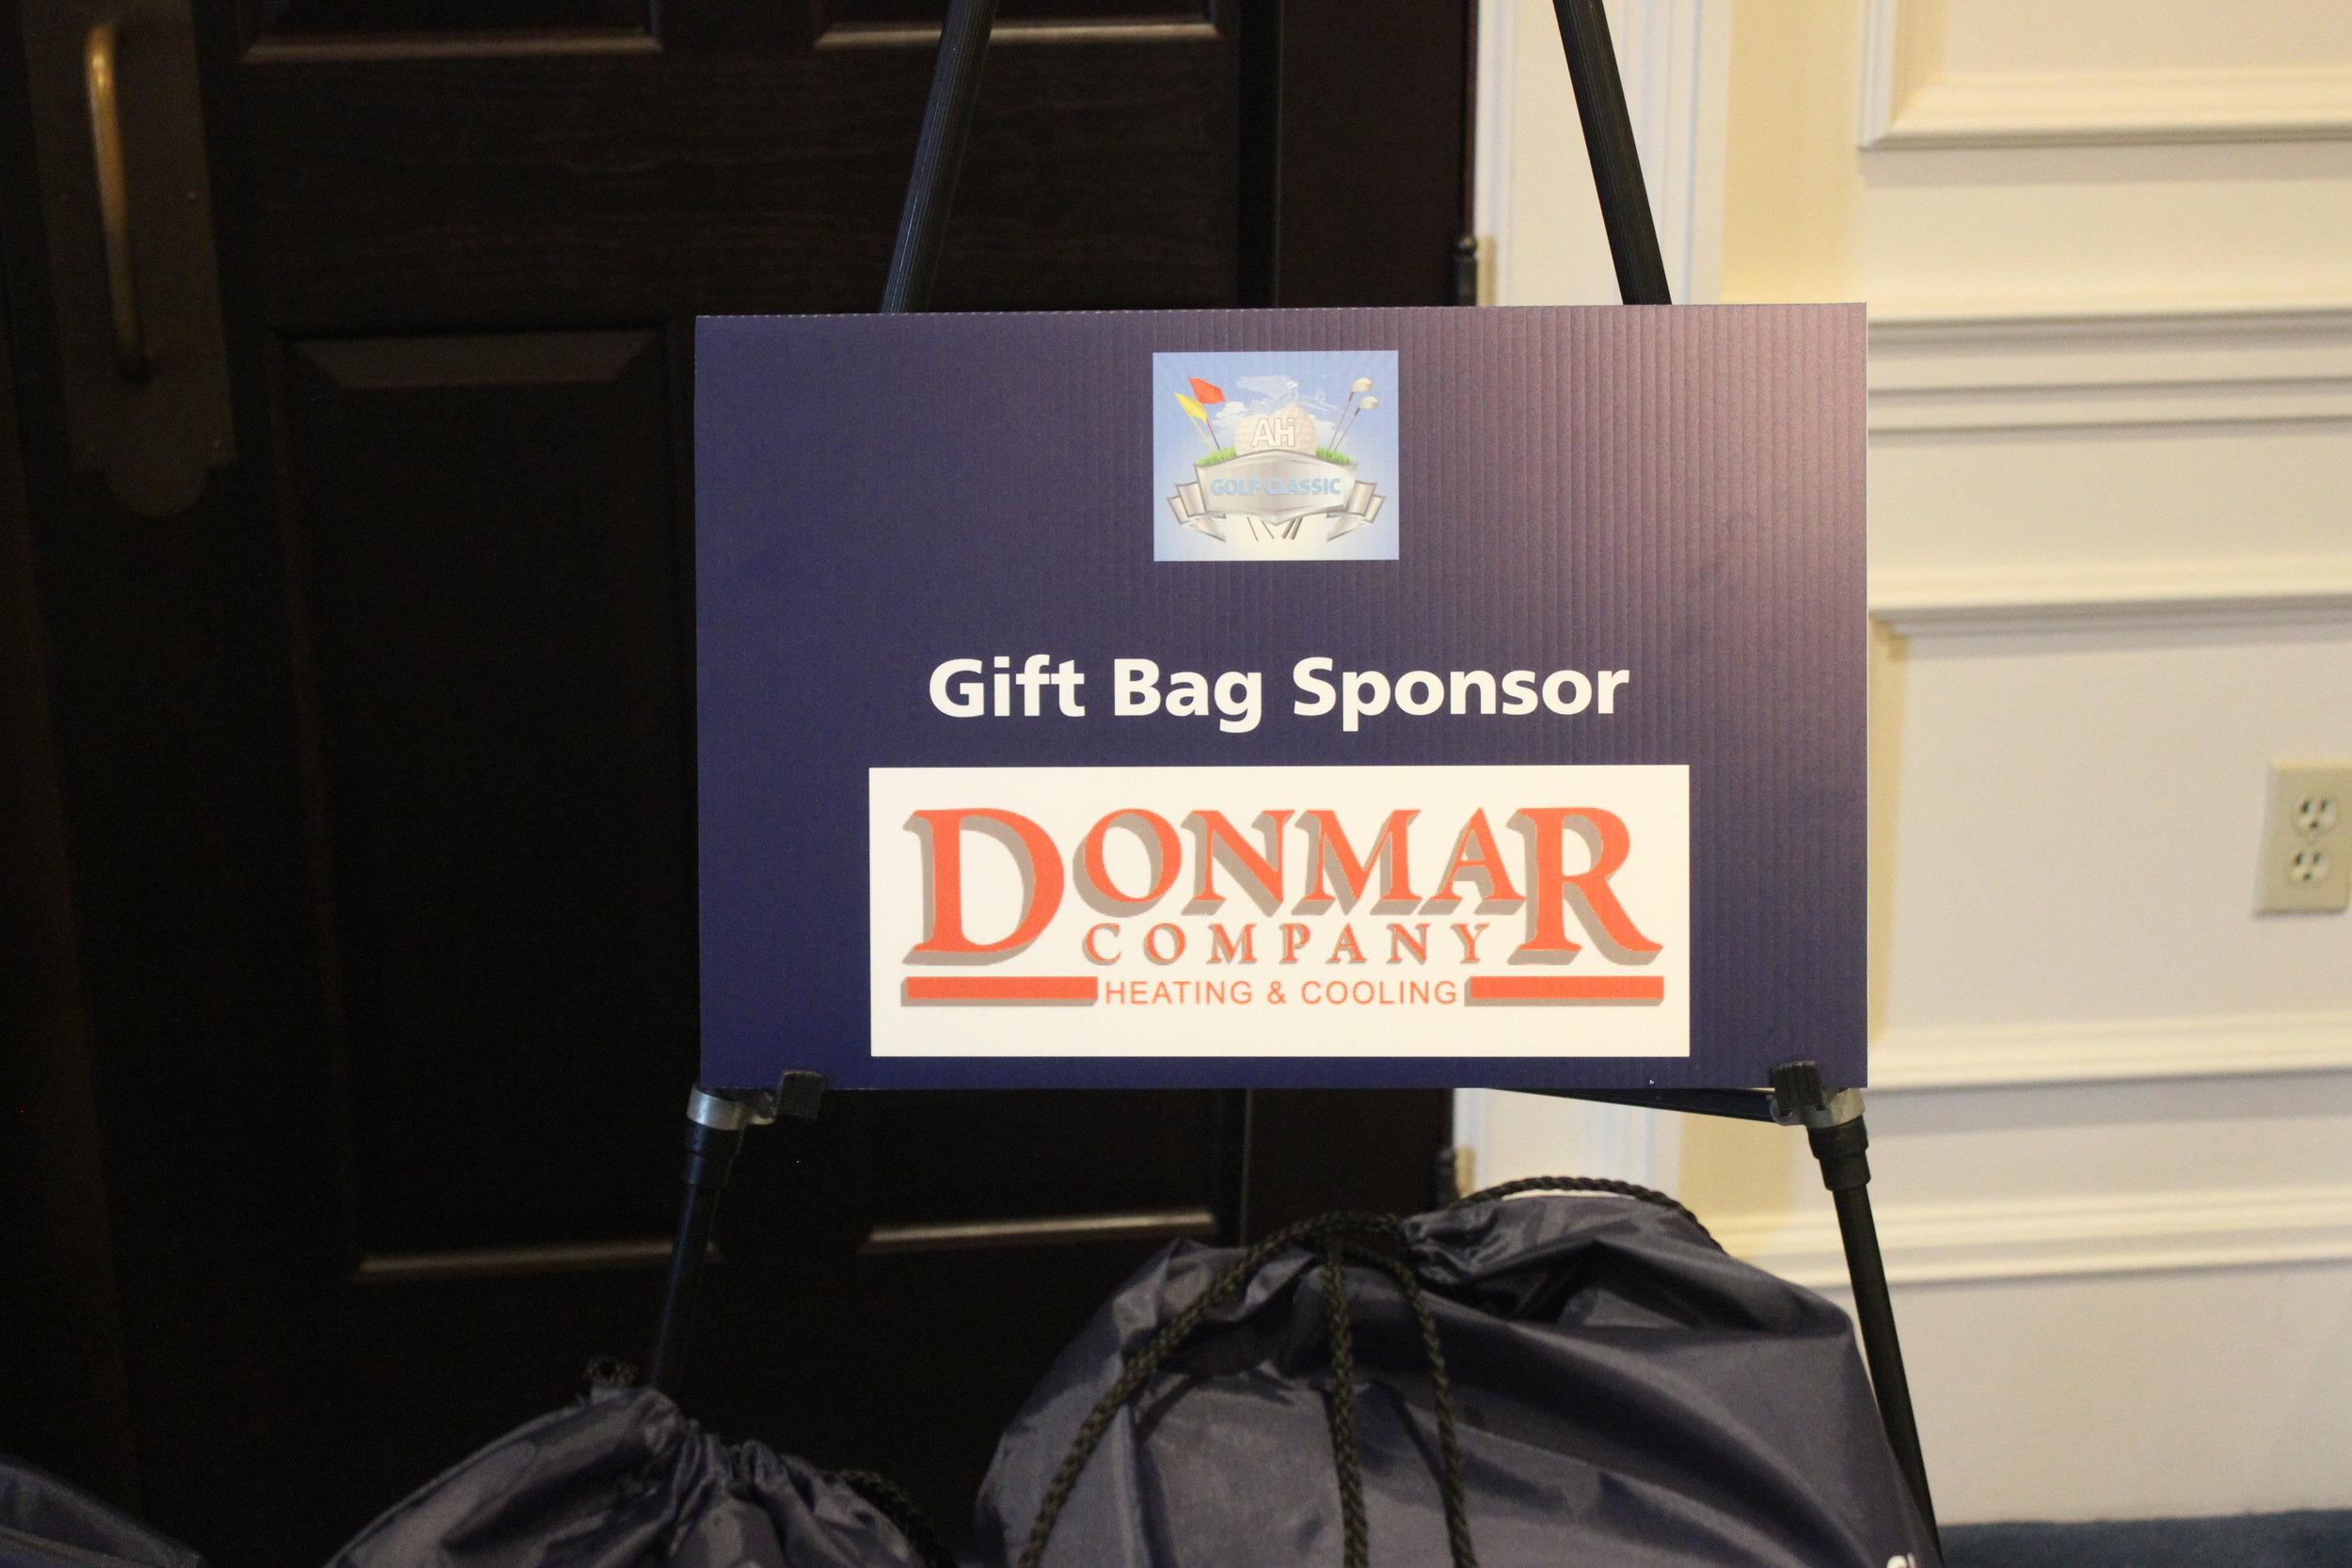 Donmar Heating & Cooling, Gift Bag Sponsor.